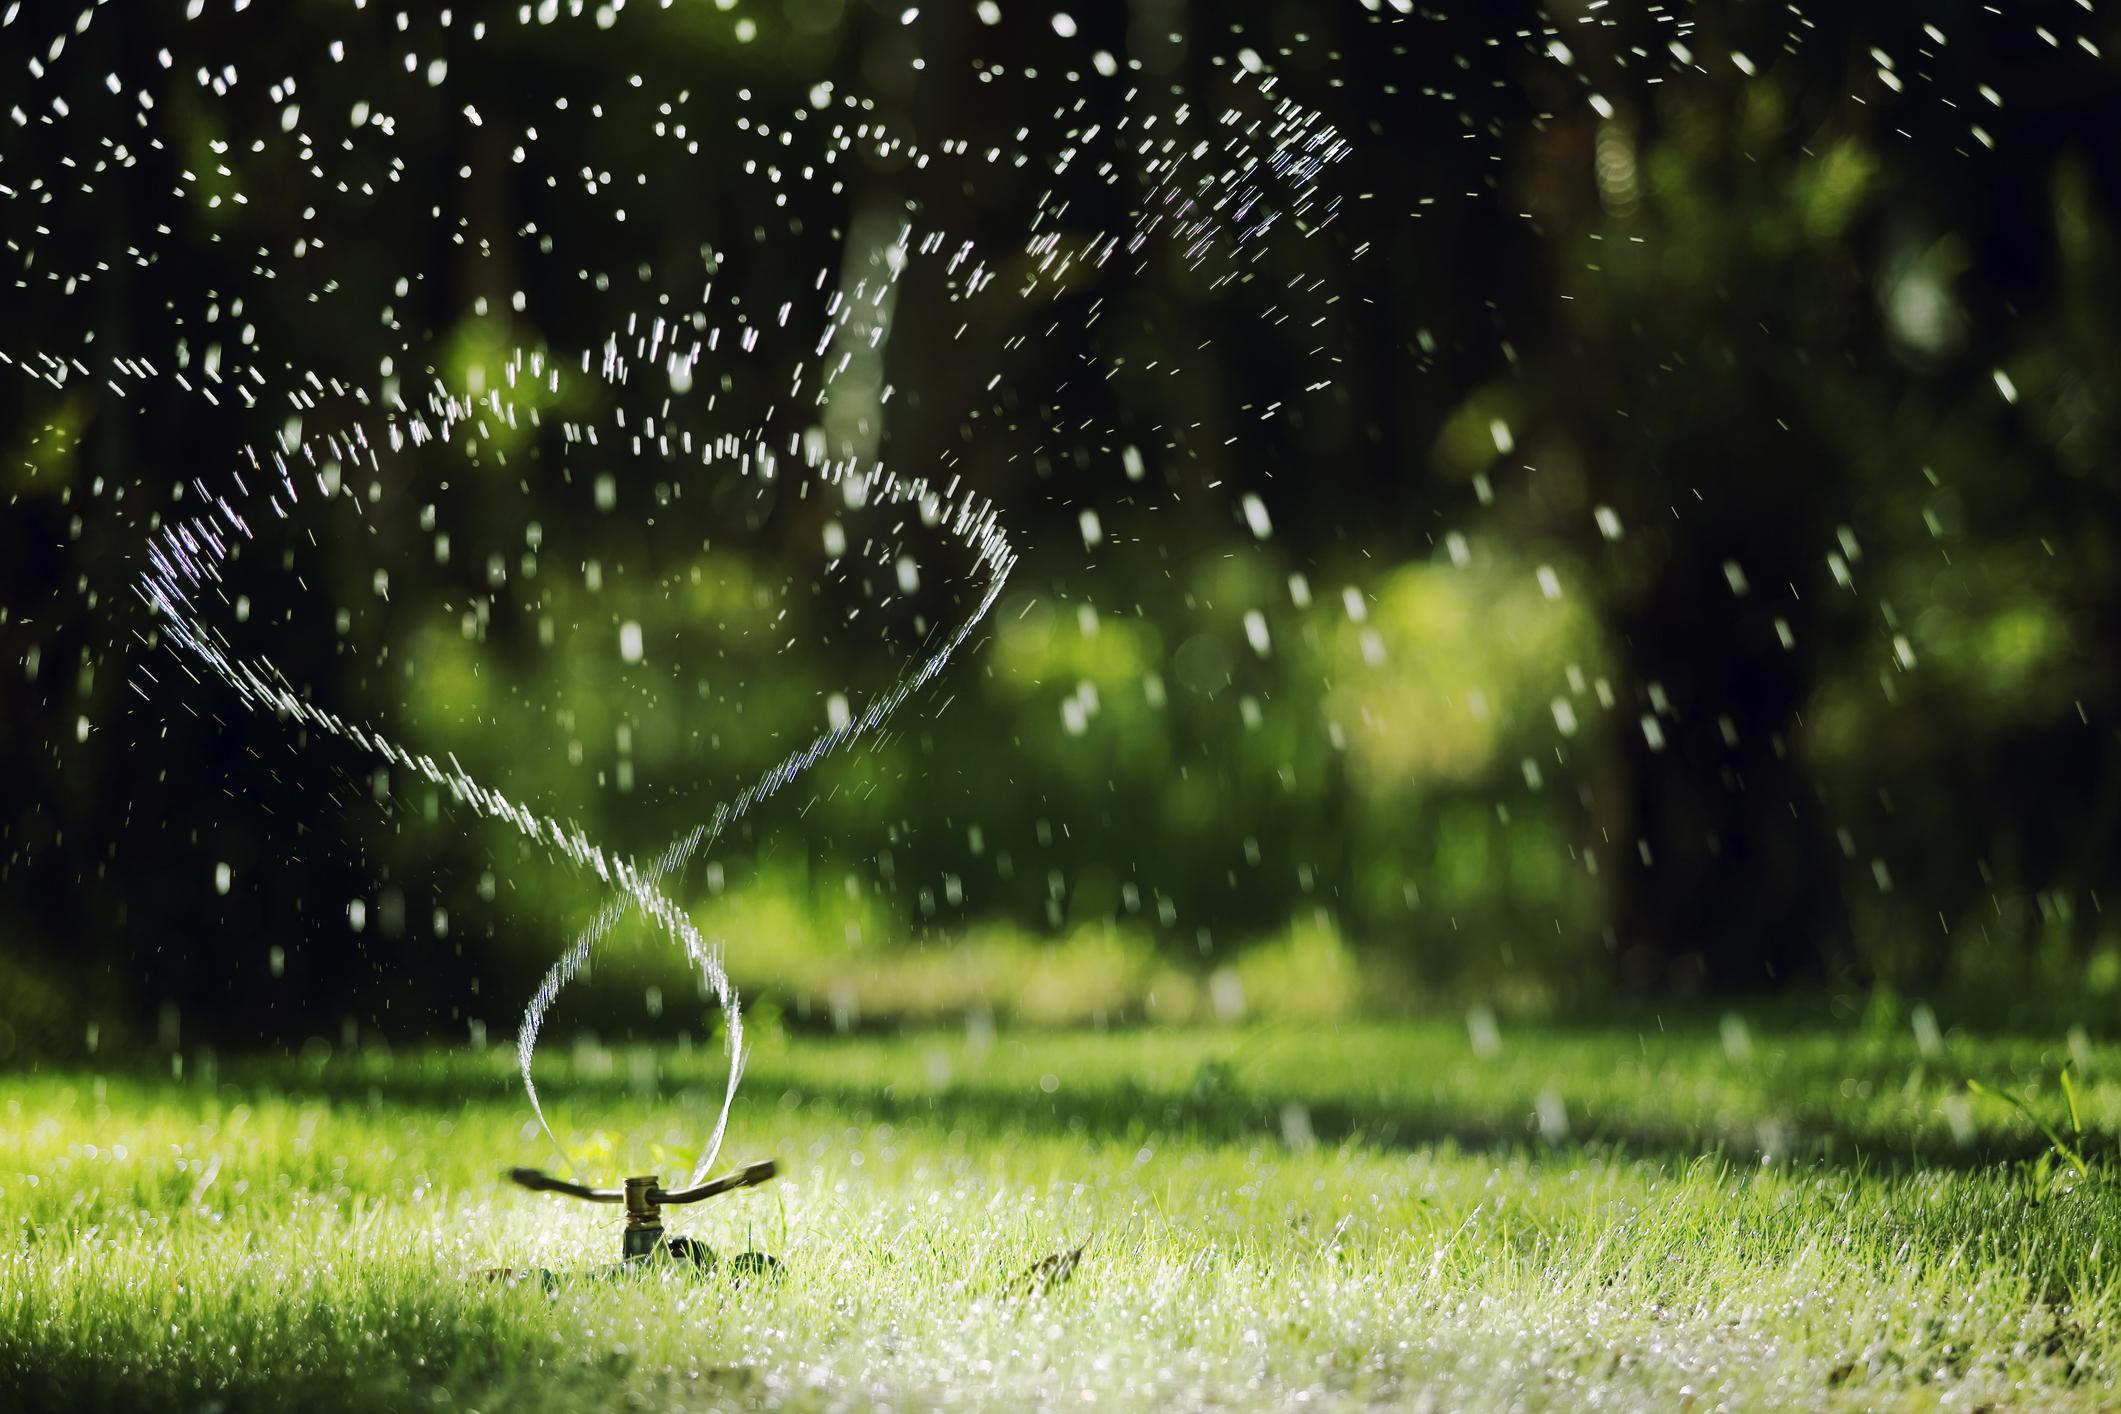 Podlewanie trawy. Kiedy najlepiej to robić?